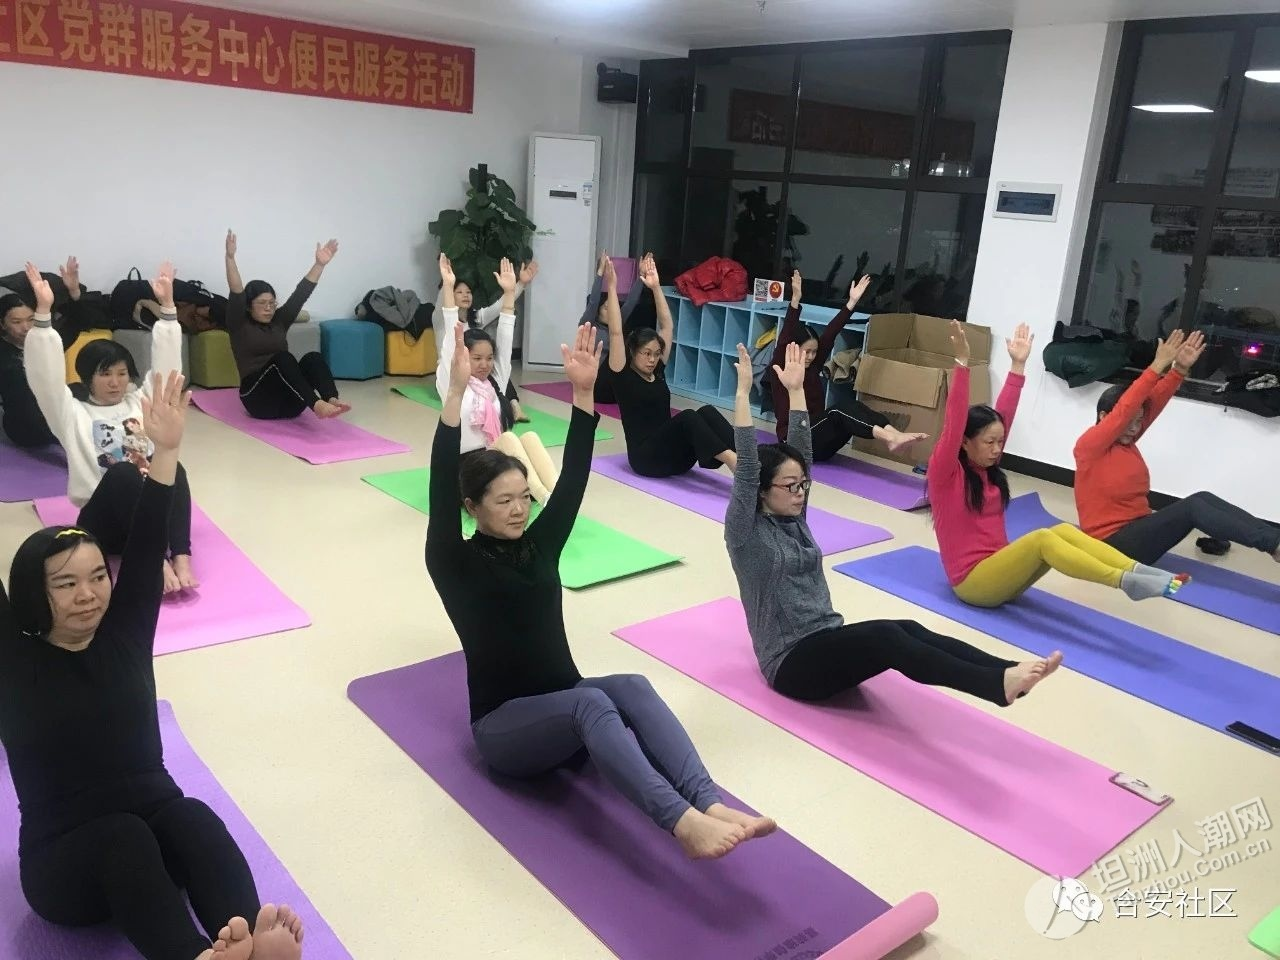 赶快报名!坦洲合安社区瑜伽第十三、十四期继续开课